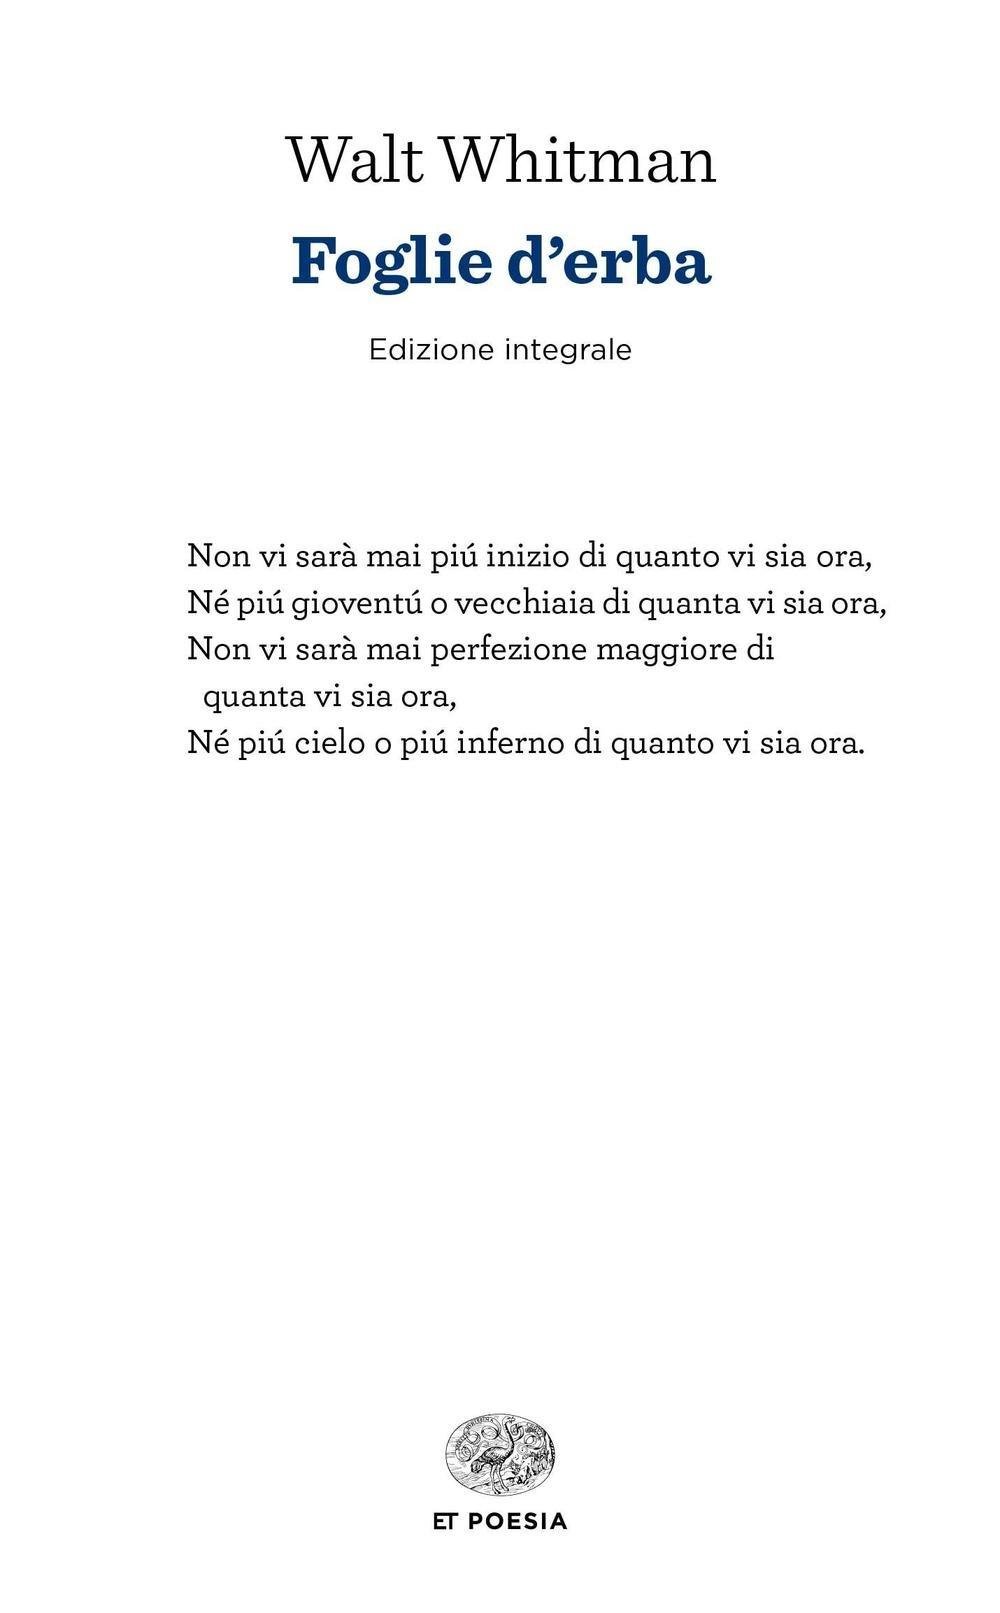 poeme walt whitman